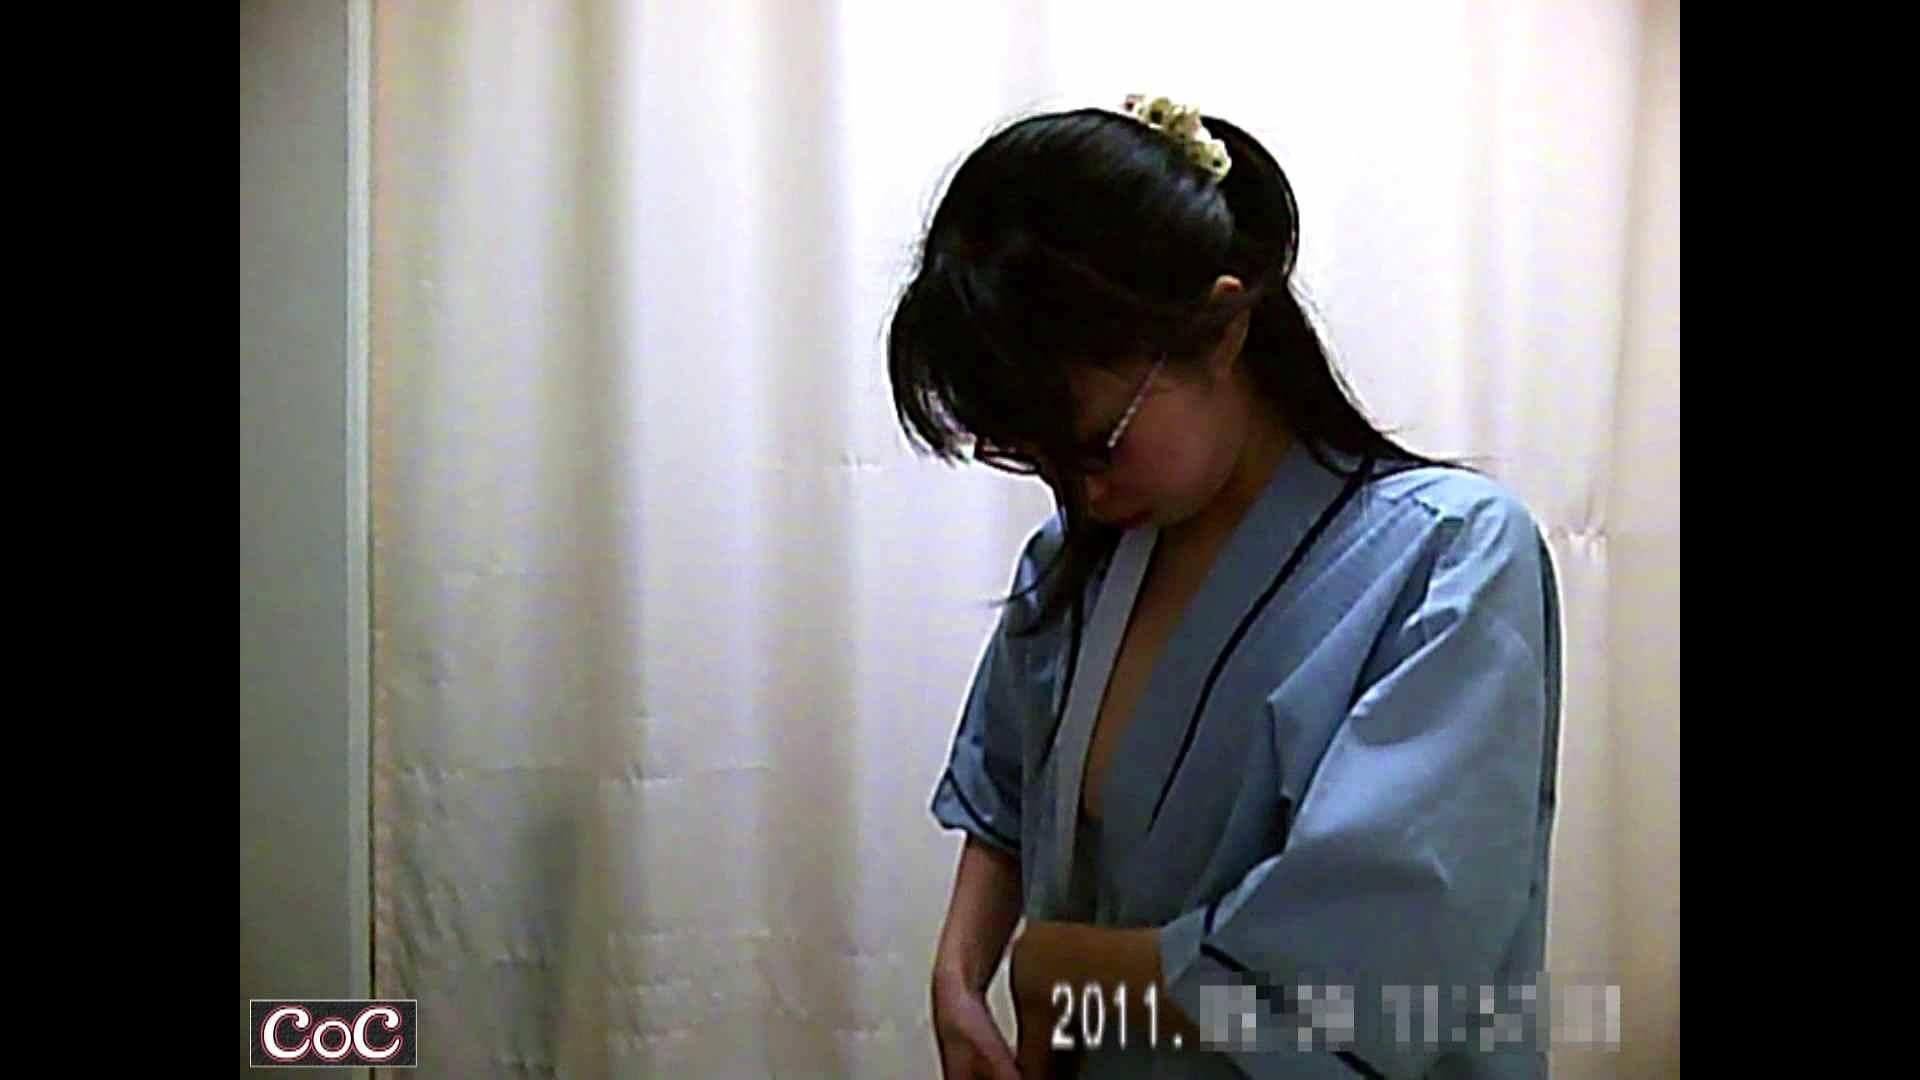 病院おもいっきり着替え! vol.23 OLエロ画像  56PICs 21